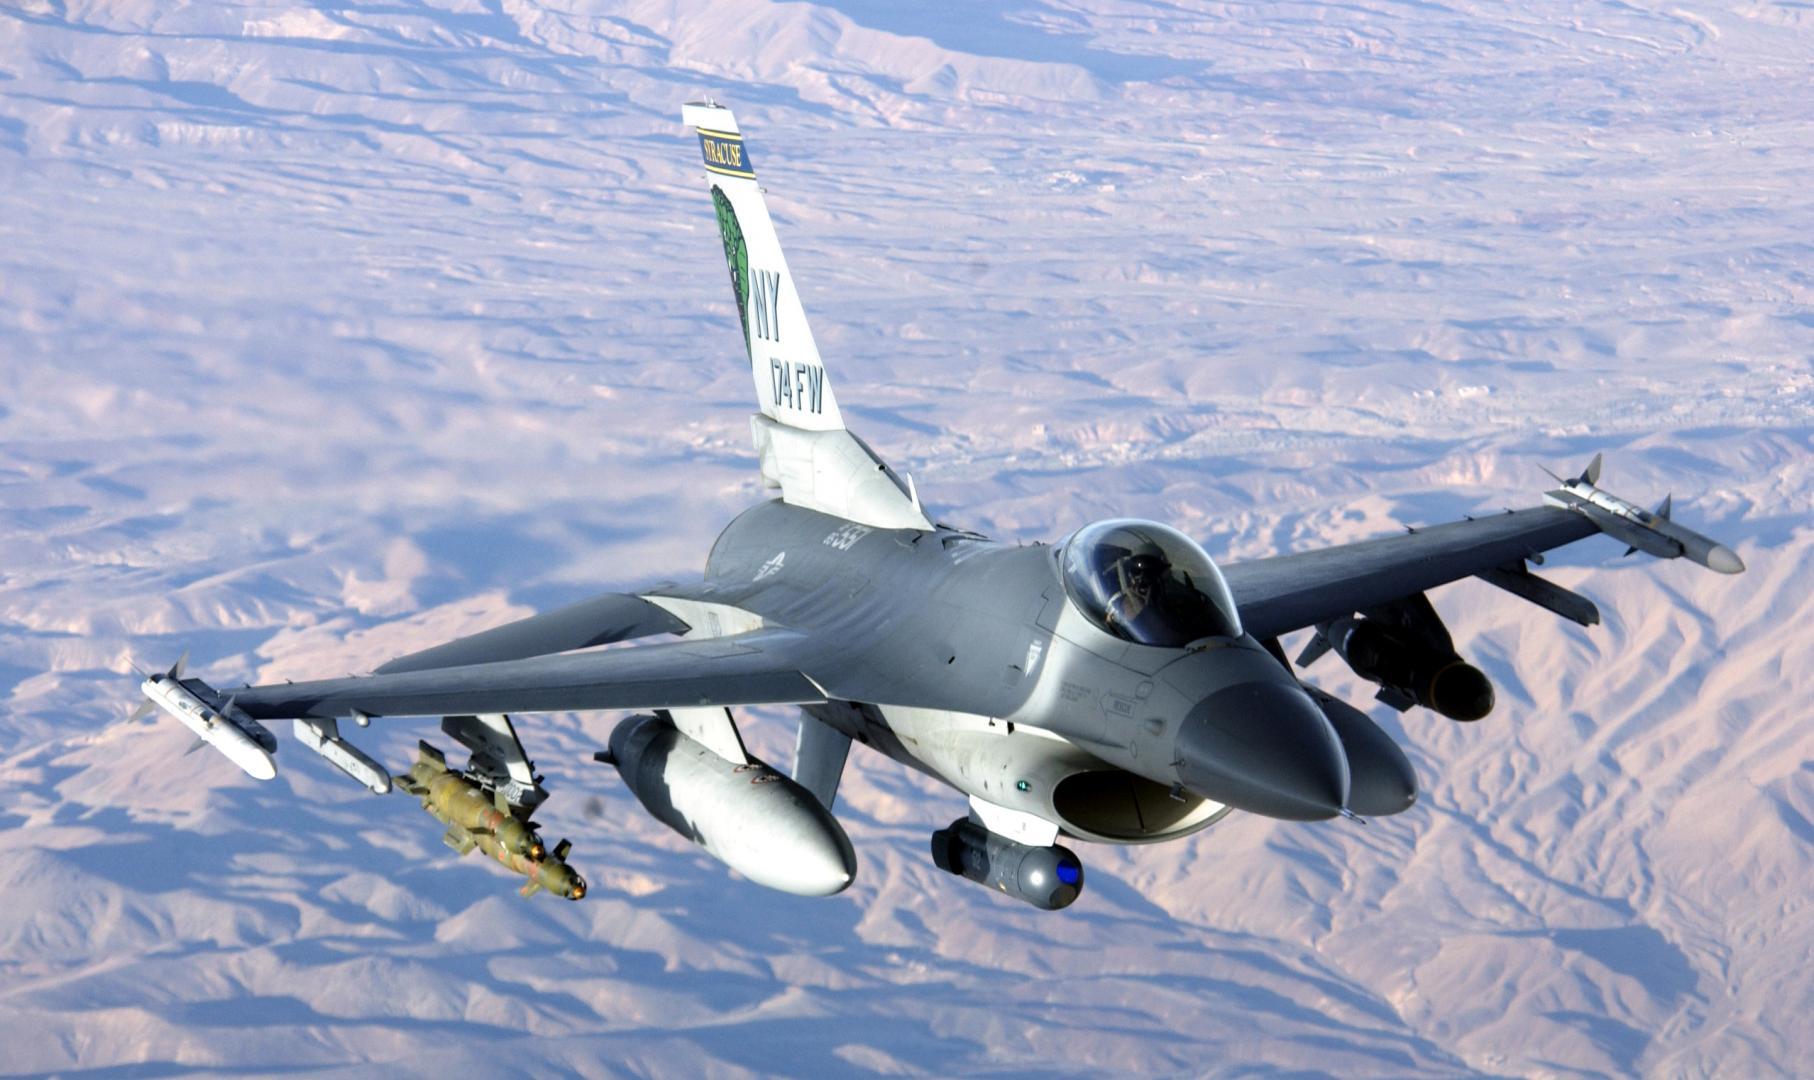 F-16-principalul-avion-de-luptă-al-României